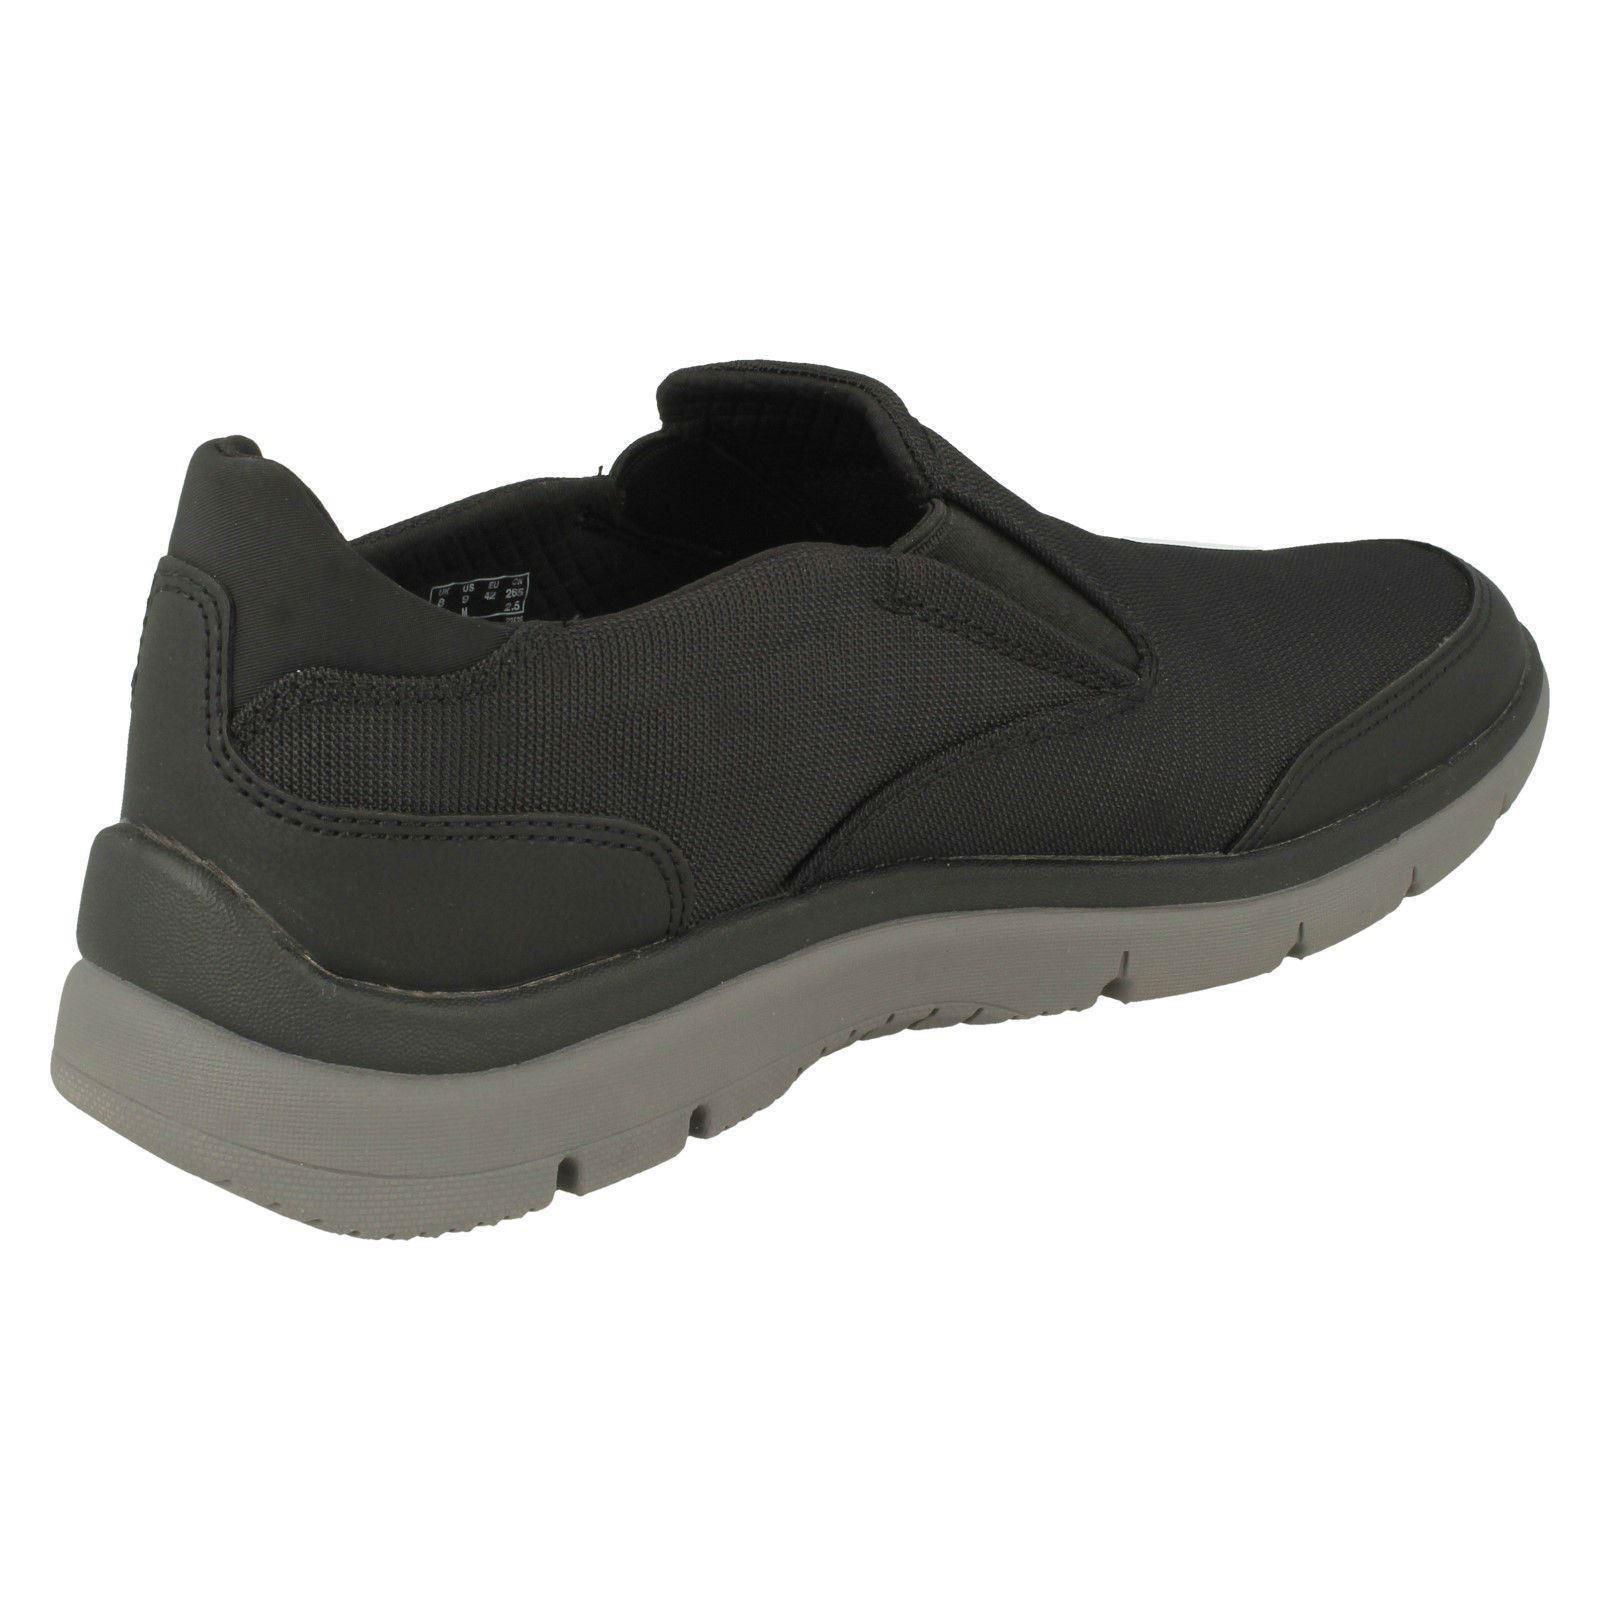 Mens Clarks Stylish Slip On Trainers Tunsil Step Step Step  | Erste Kunden Eine Vollständige Palette Von Spezifikationen  0dc3ae